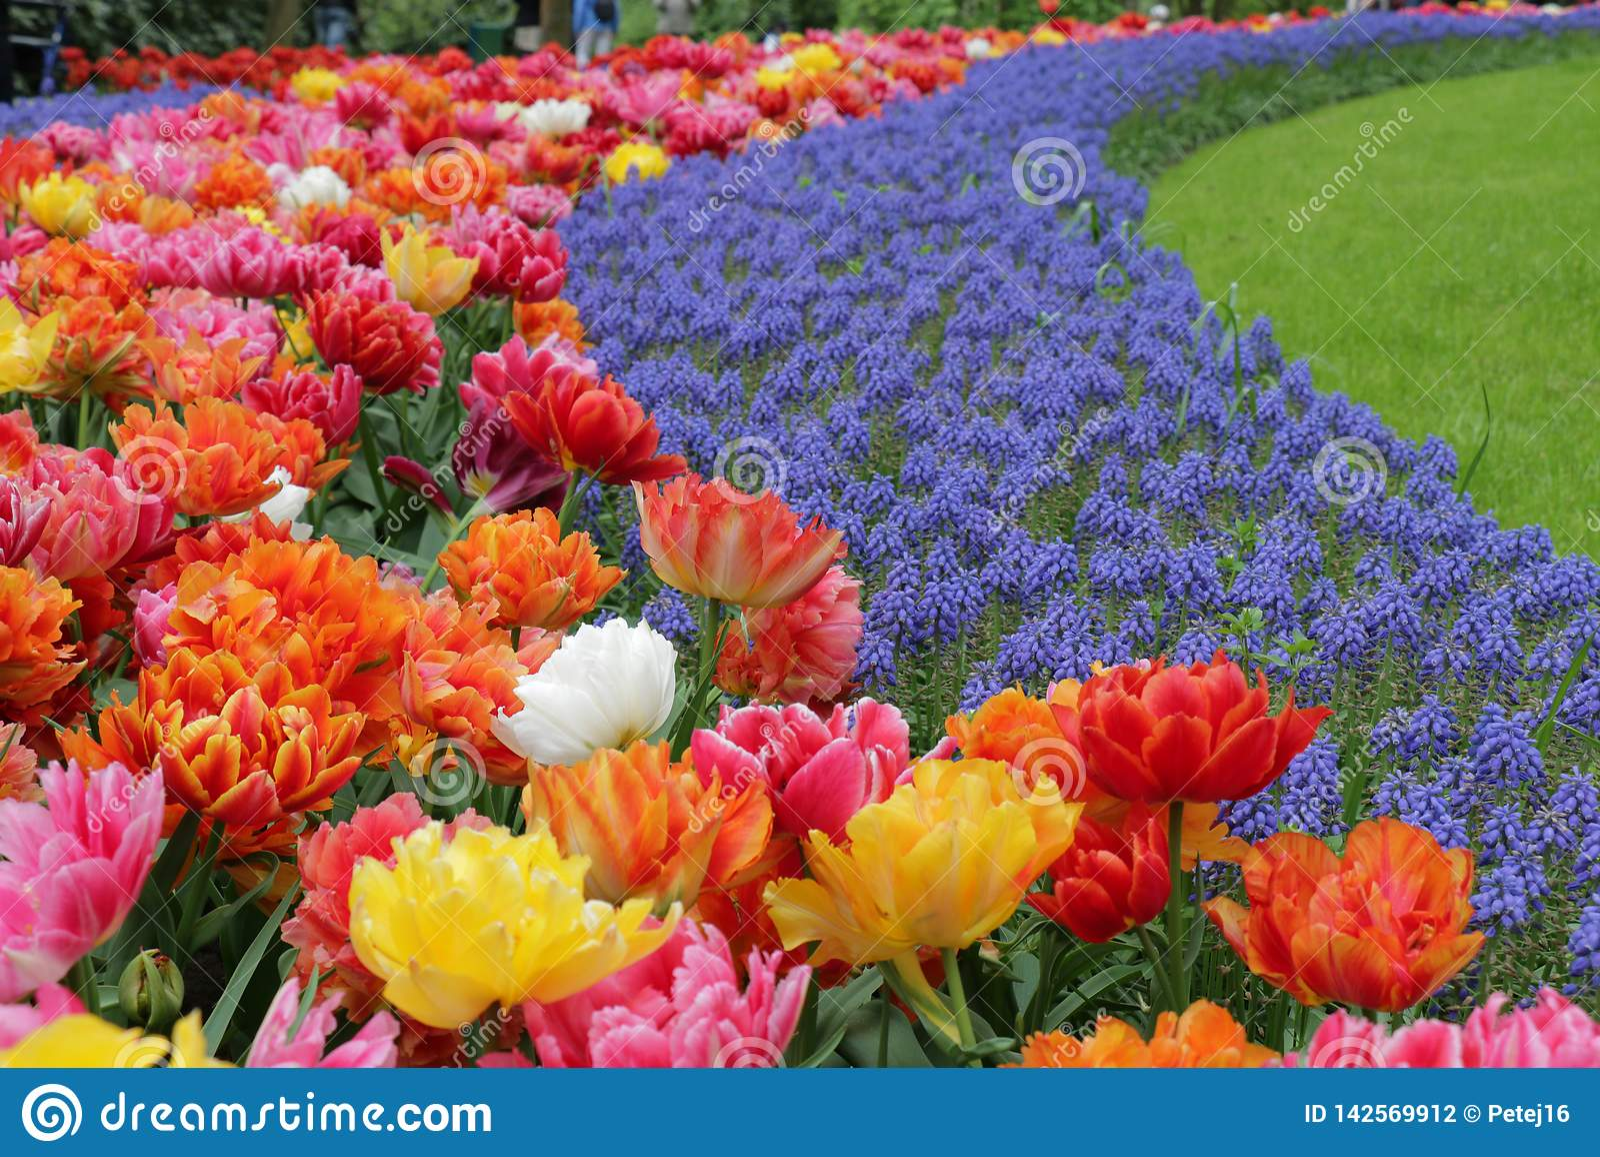 Mooie met gras bedekte gebogen tuin met vele gekleurde bloemen